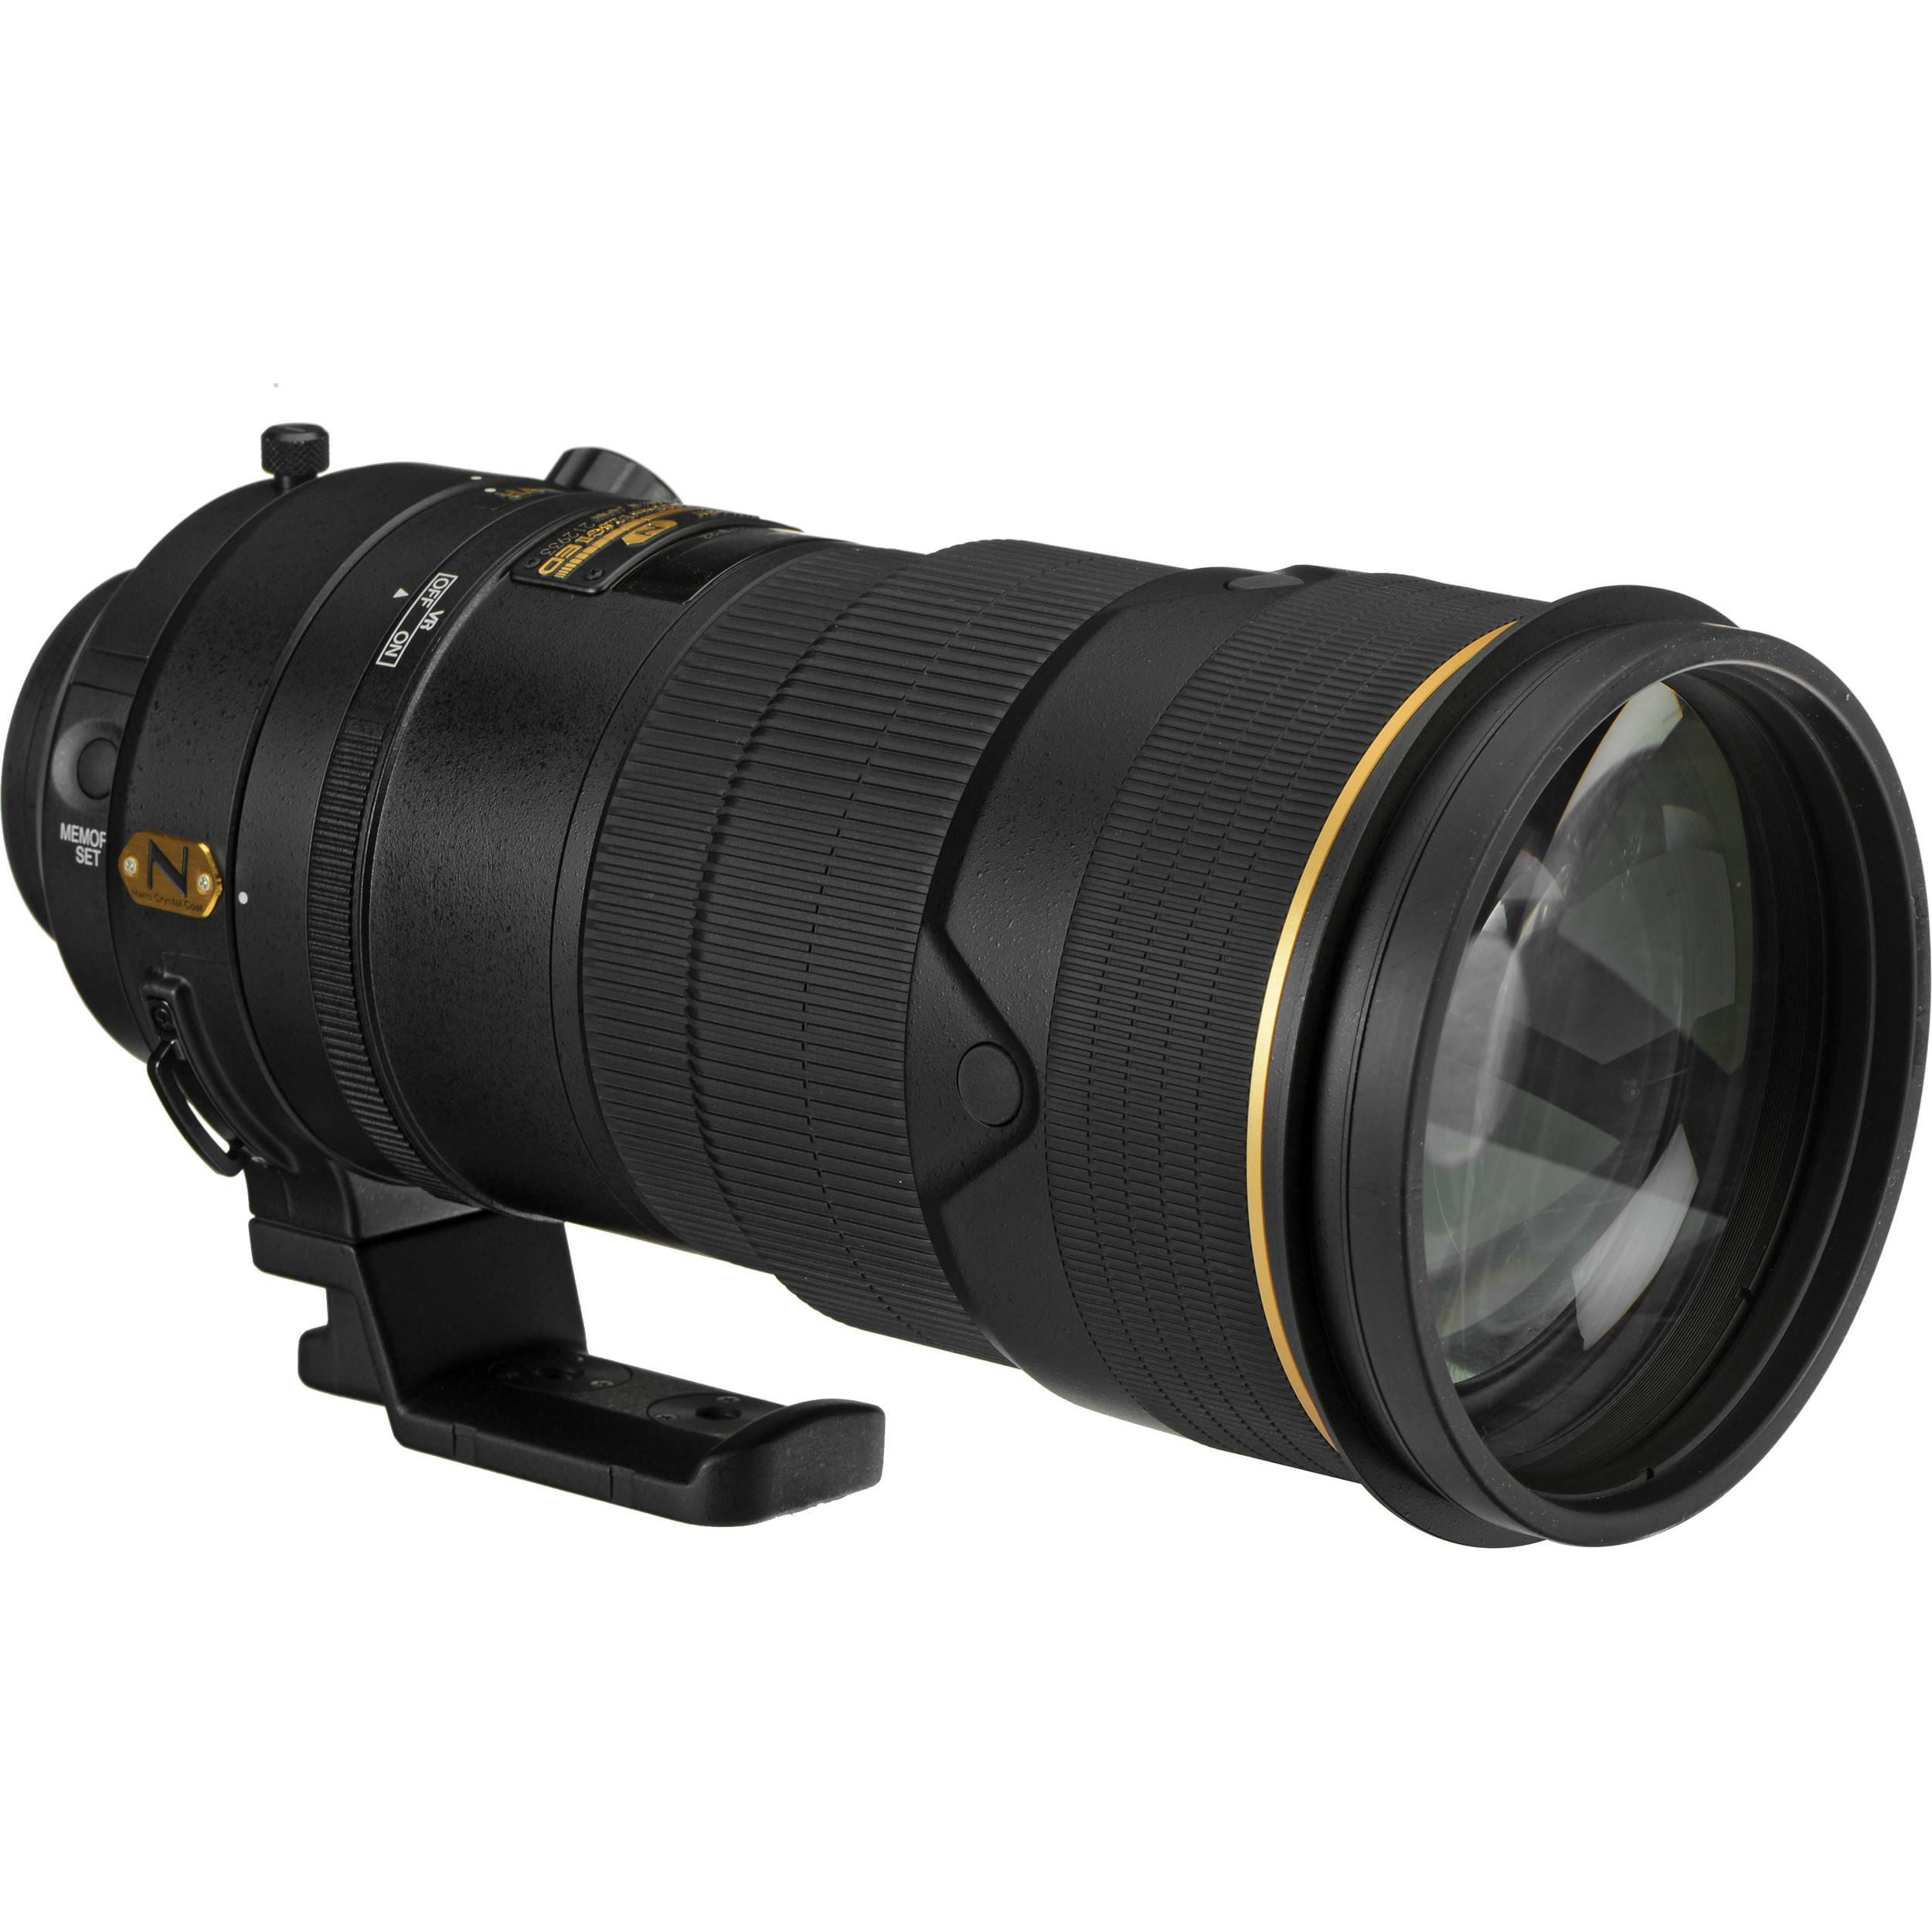 Nikon 300mm f2.8G ED-VR II Lens